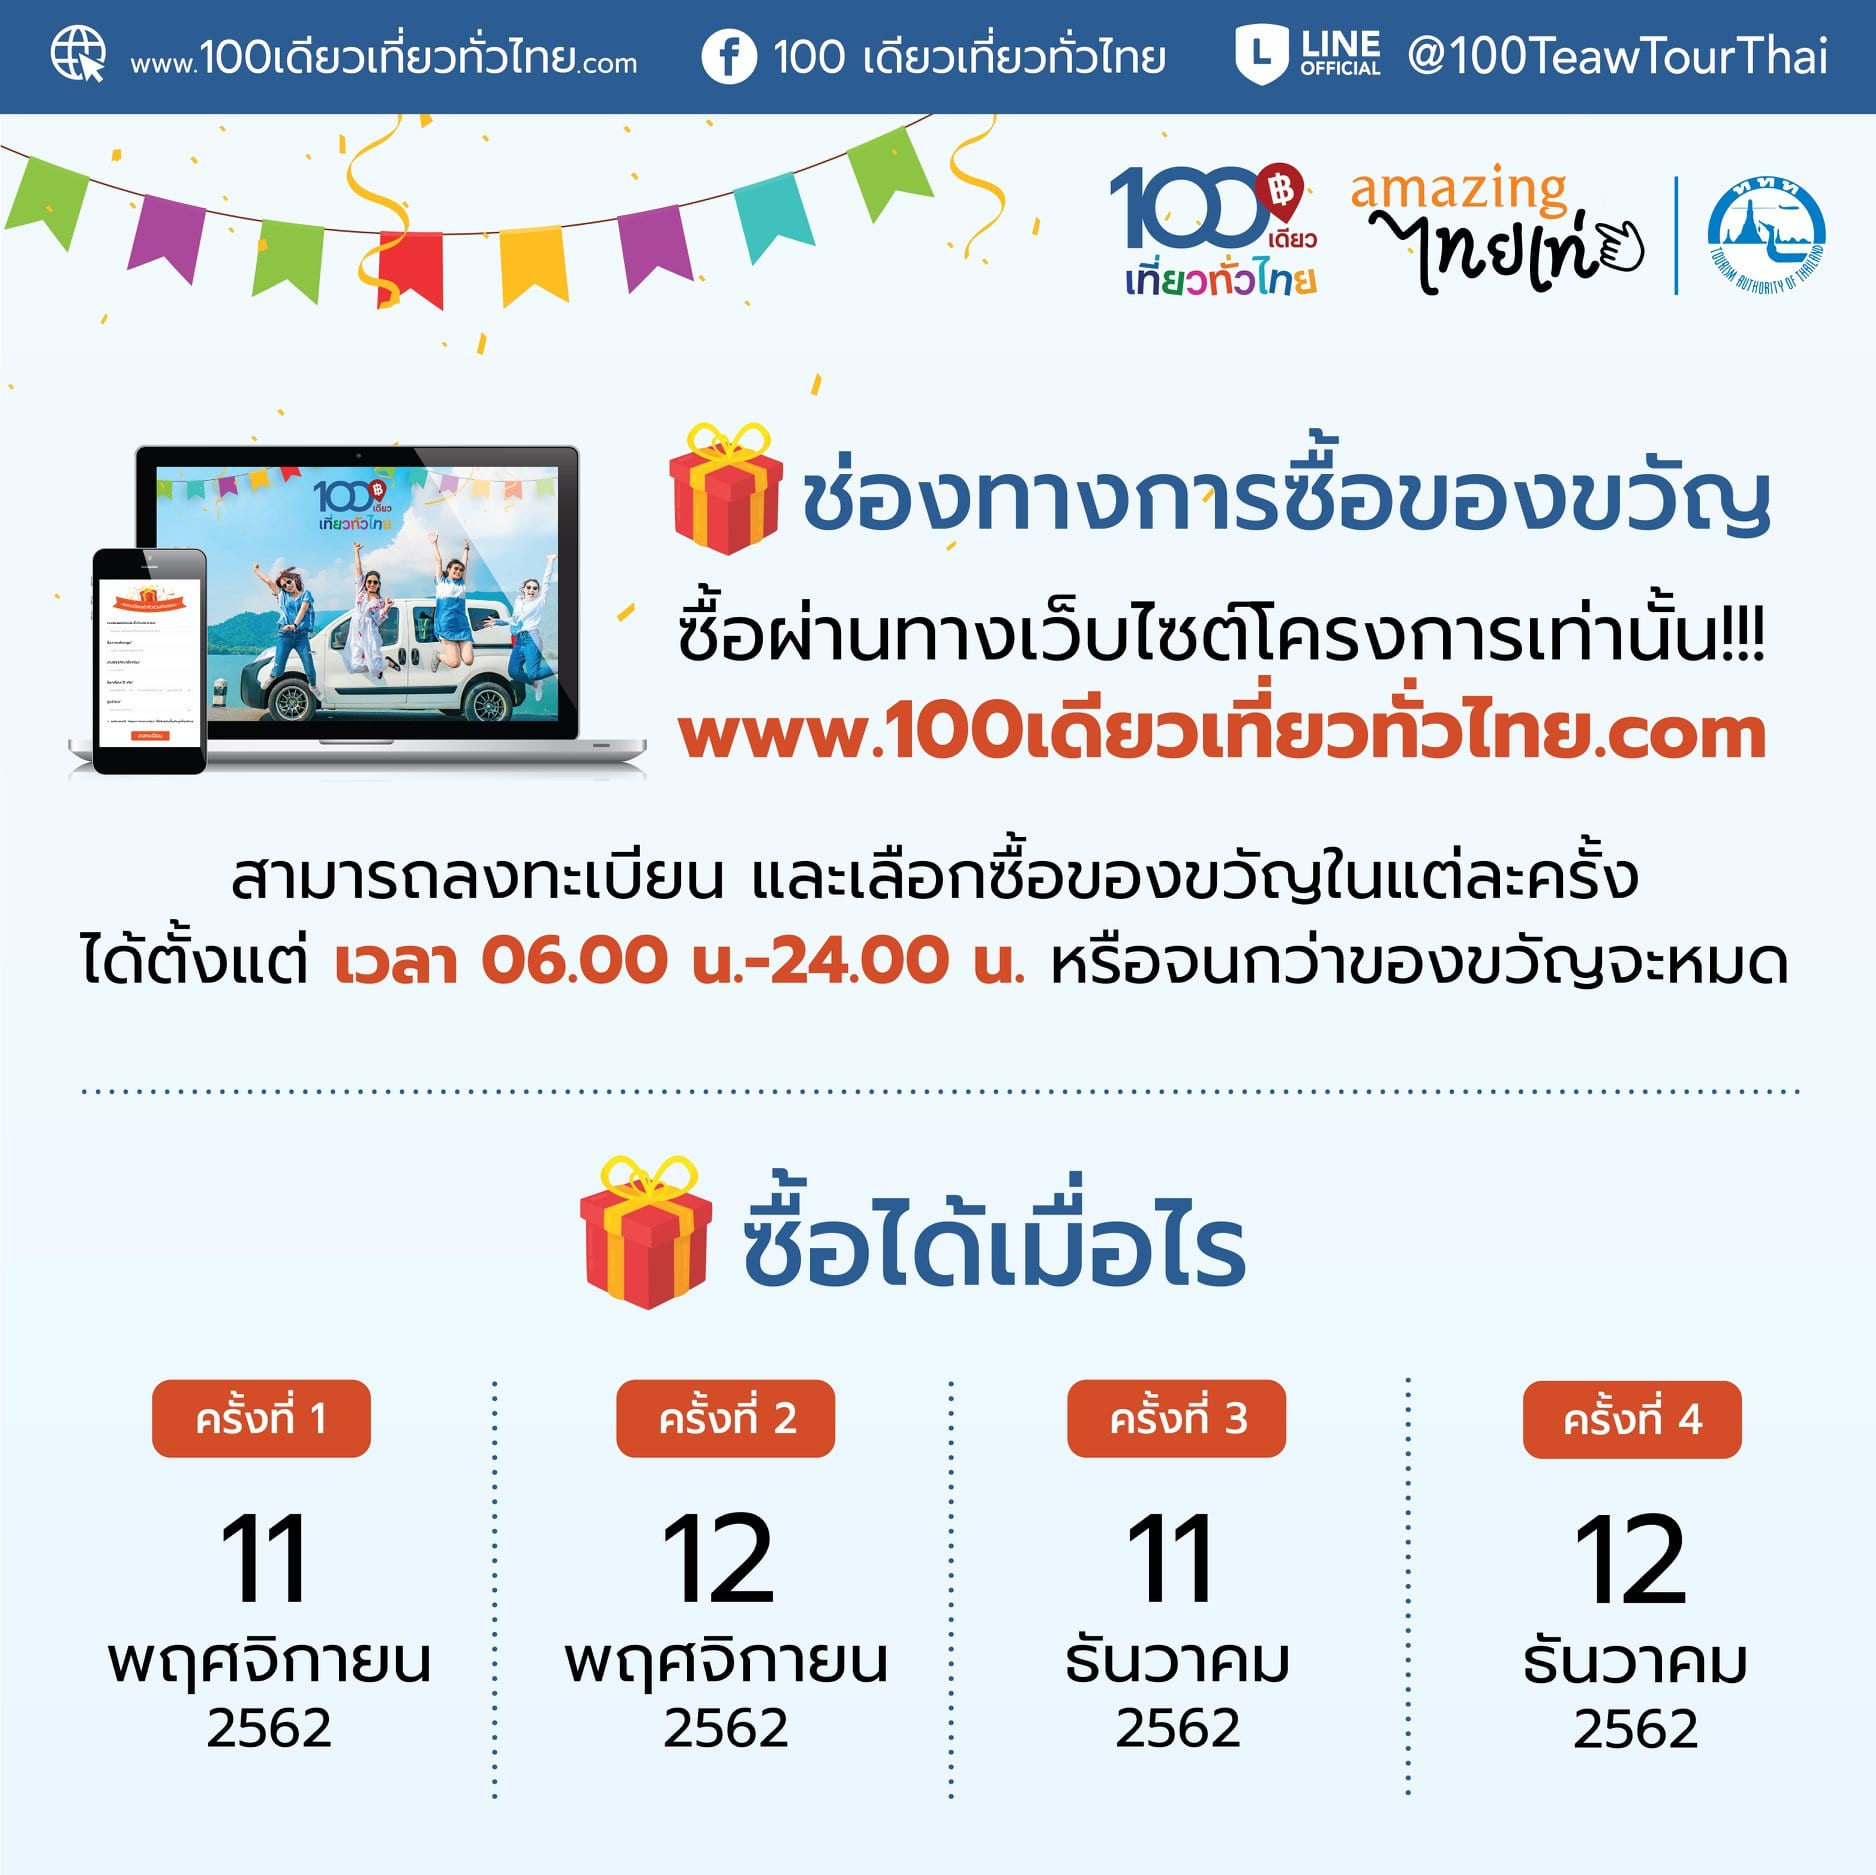 ทัวร์ในประเทศ, เที่ยวทั่วไทย, ทัวร์, 100 เดียวเที่ยวทั่วไทย